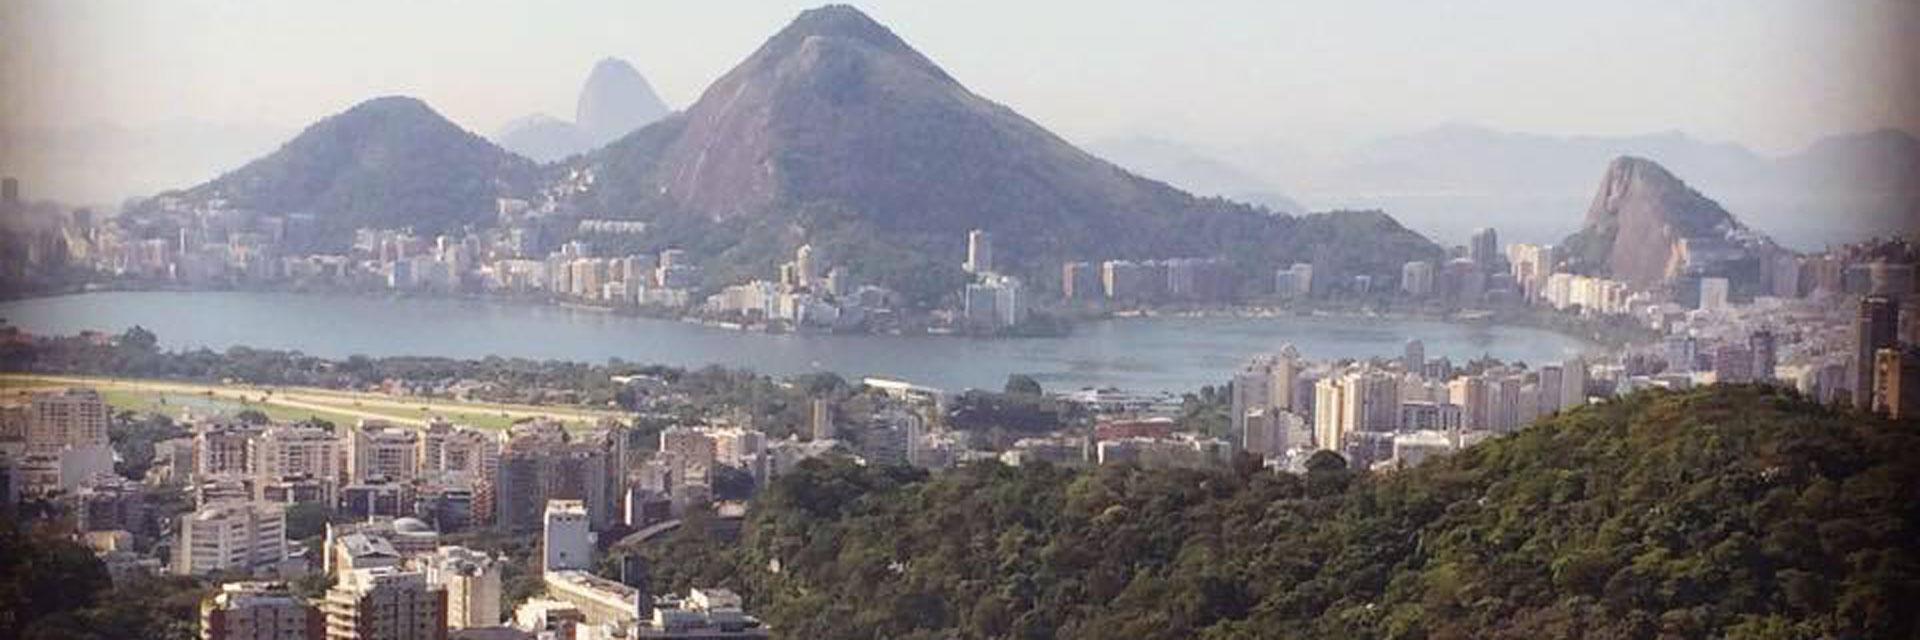 Parque Lage, Rio